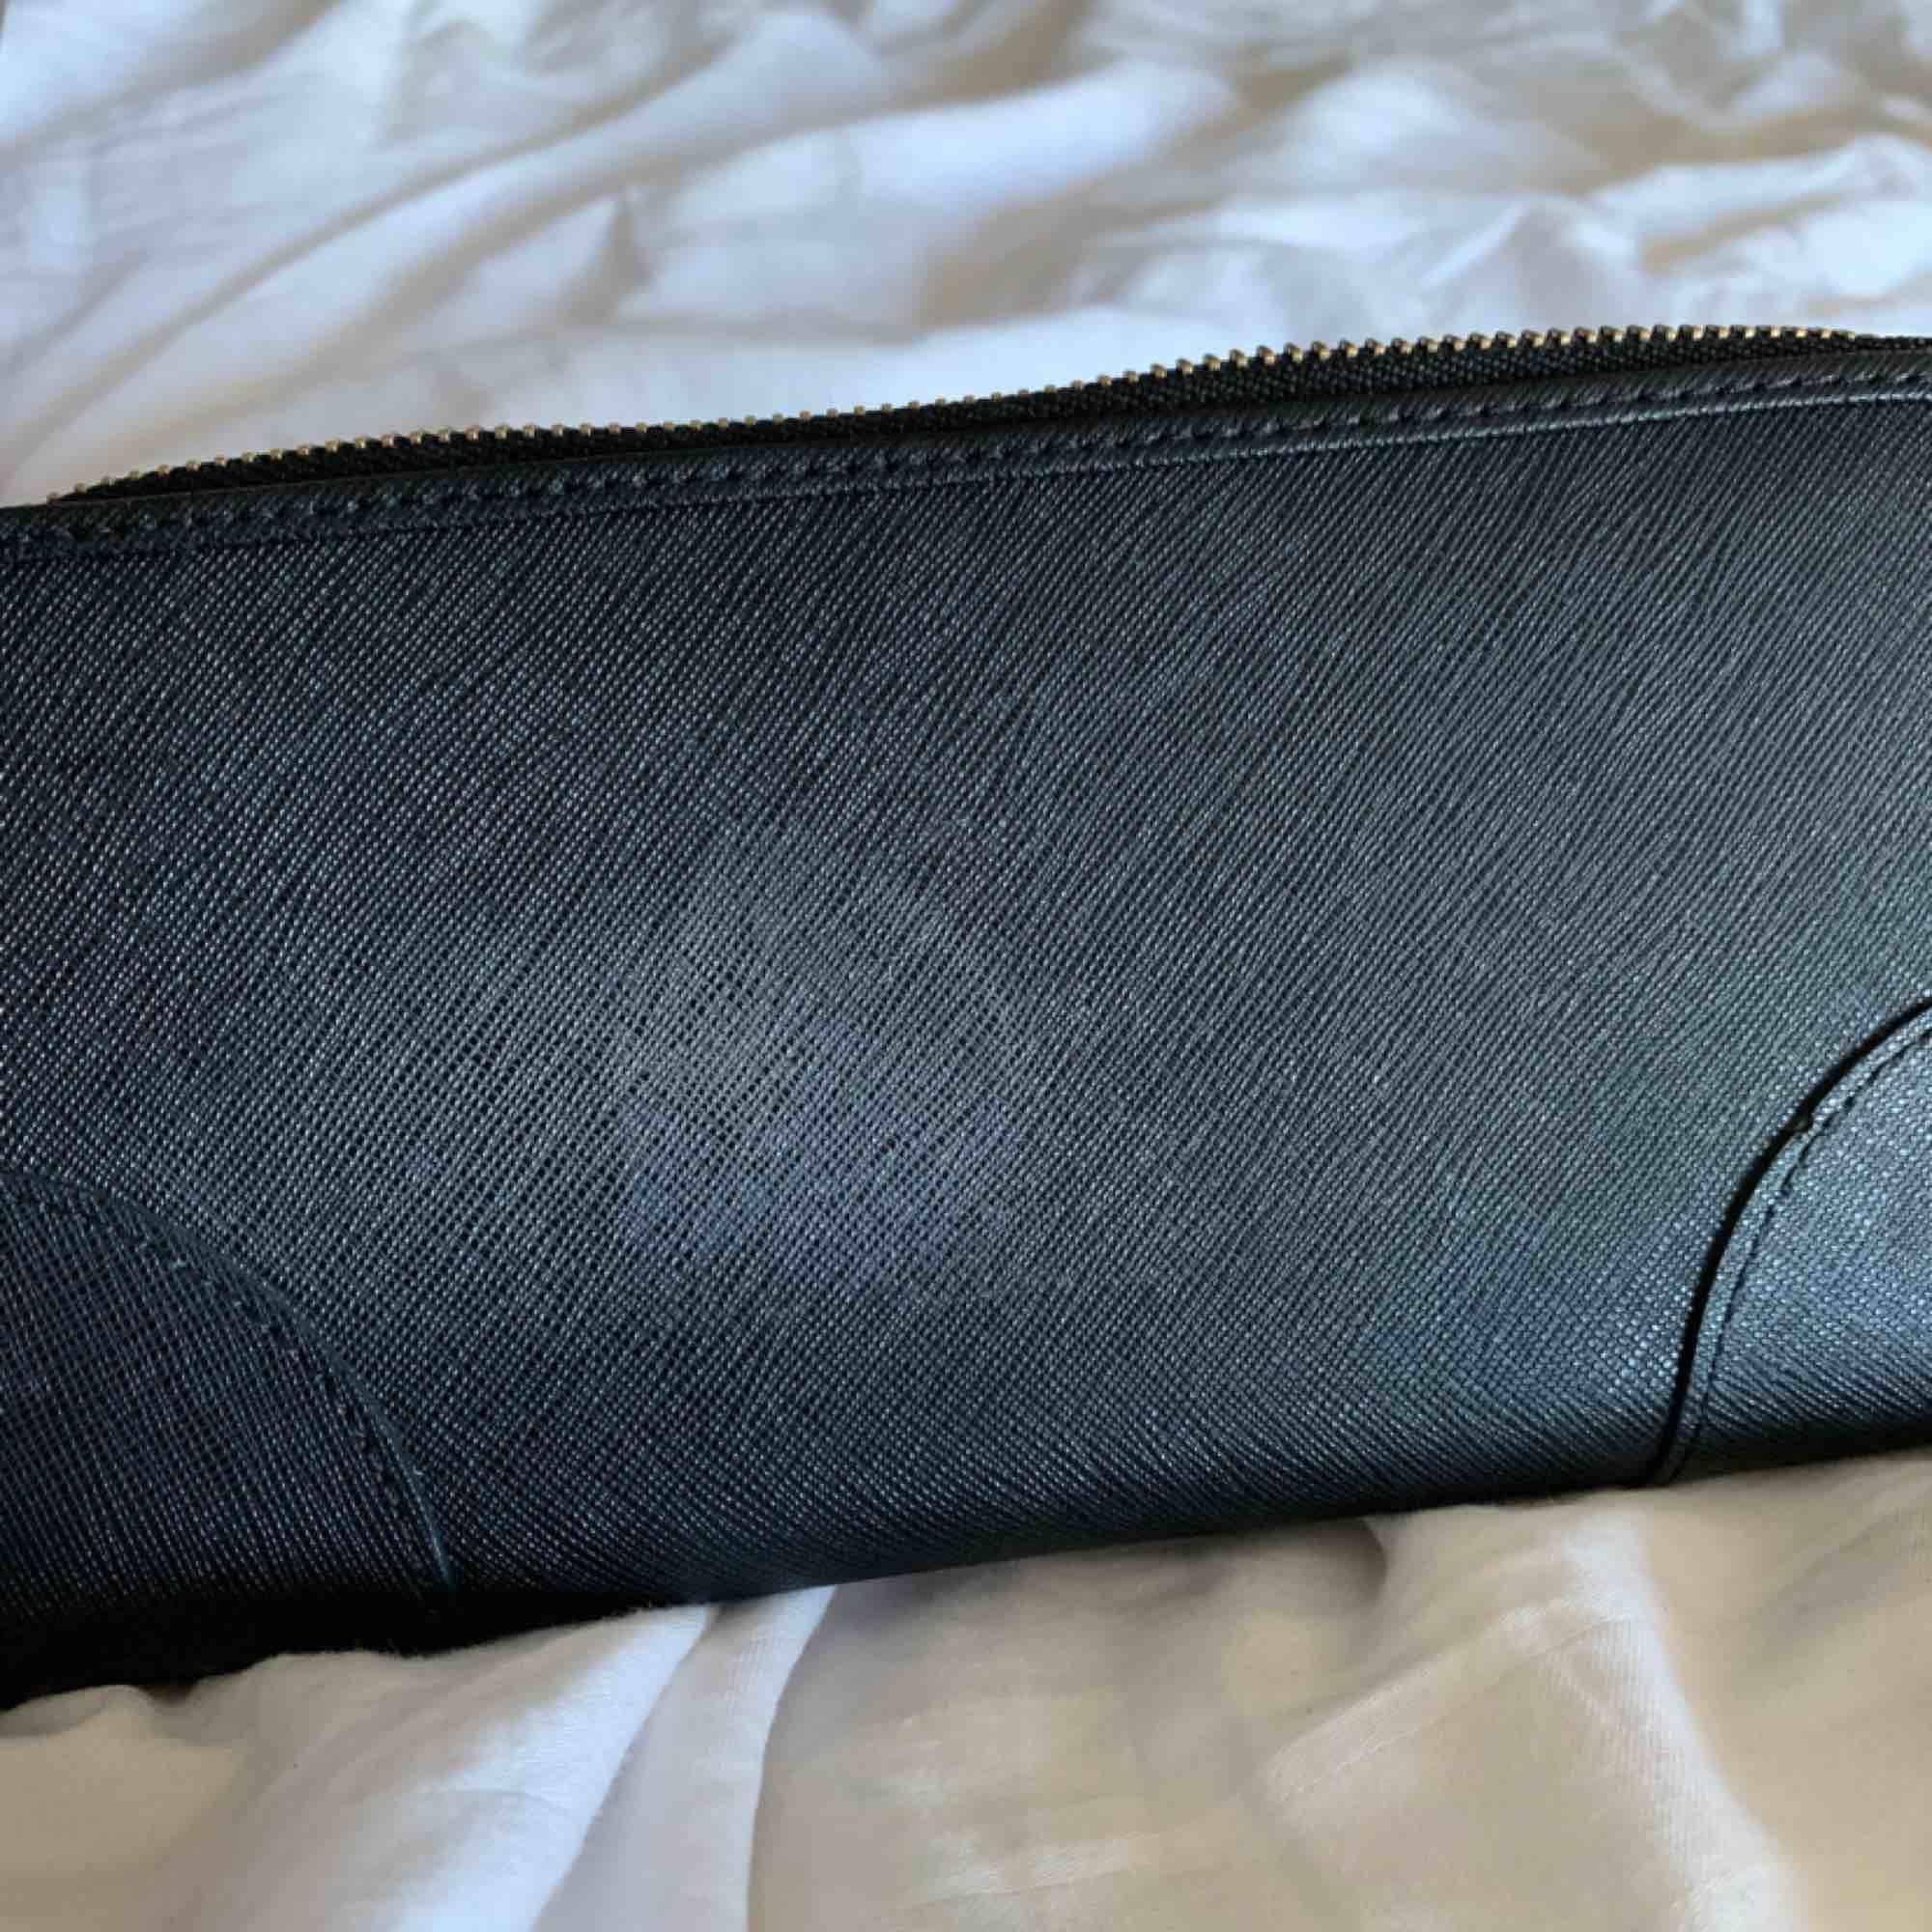 Äkta Juicy couture plånbok köpt i NYC. Fins skick, knappt använd bara legat i en låda i flera år. Finns en liten fläck på baksidan men den är knappt synlig (finns bild). Orginalpris är 800kr  Priset kan sänkas vid snabb affär. Väskor.